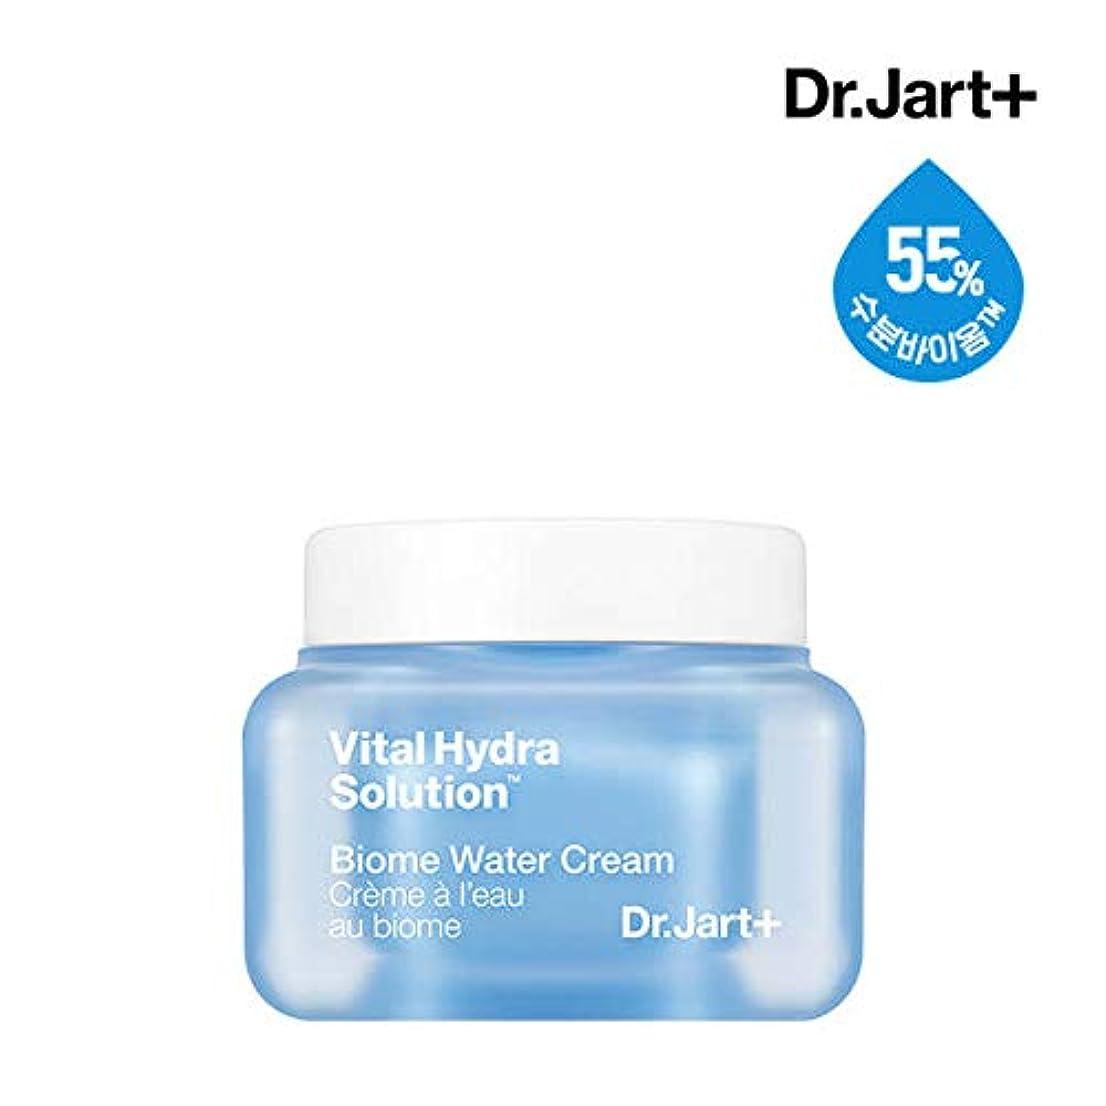 レギュラー残酷コンベンションドクタージャルトゥ[Dr.Jart+] バイタルハイドラソリューションバイオームウォータークリーム50ml (Vital Hydra Solution Biome Water Cream) /リフレッシュハイドレーション